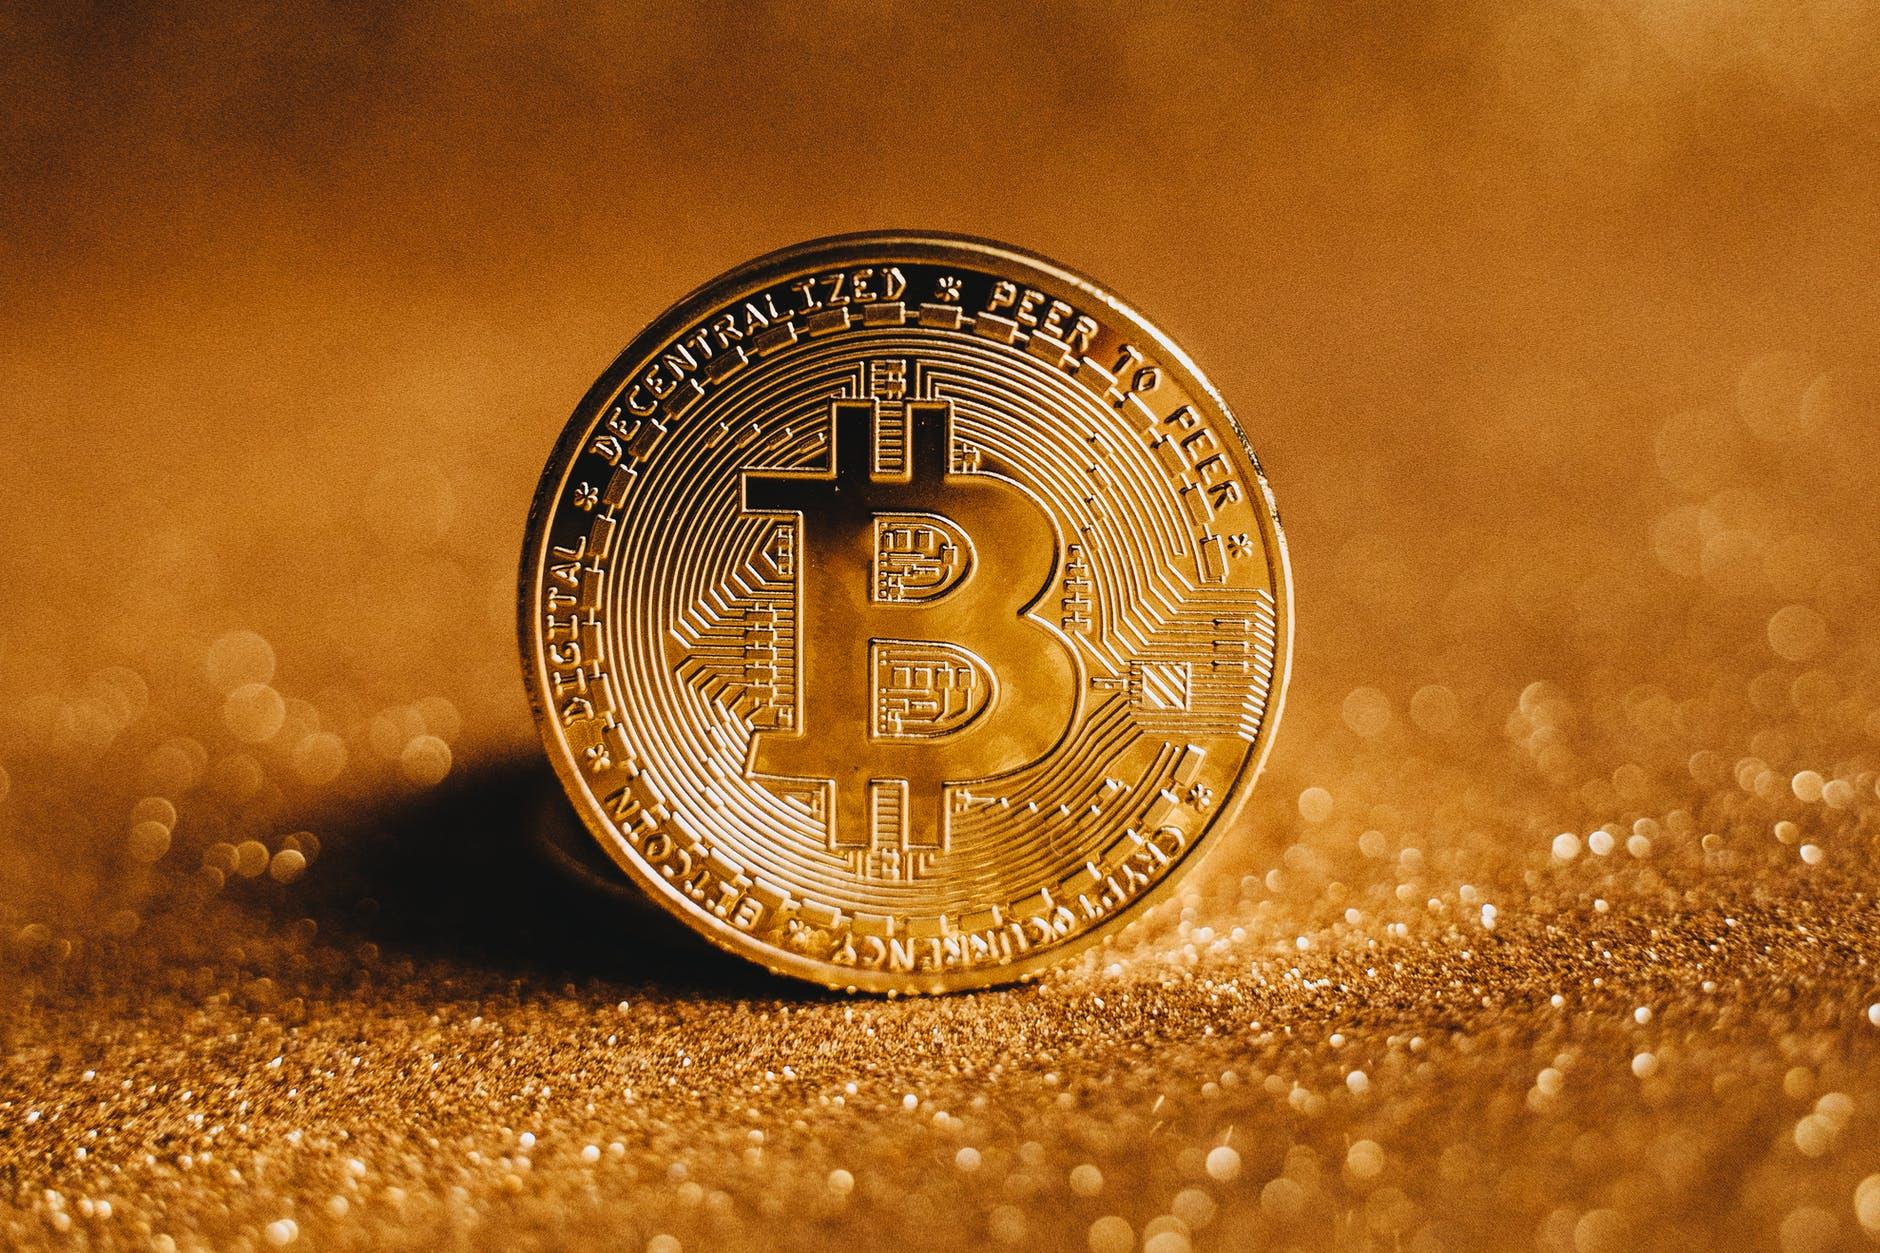 Elon Musk zegt dat Tesla waarschijnlijk opnieuw Bitcoin zal accepteren